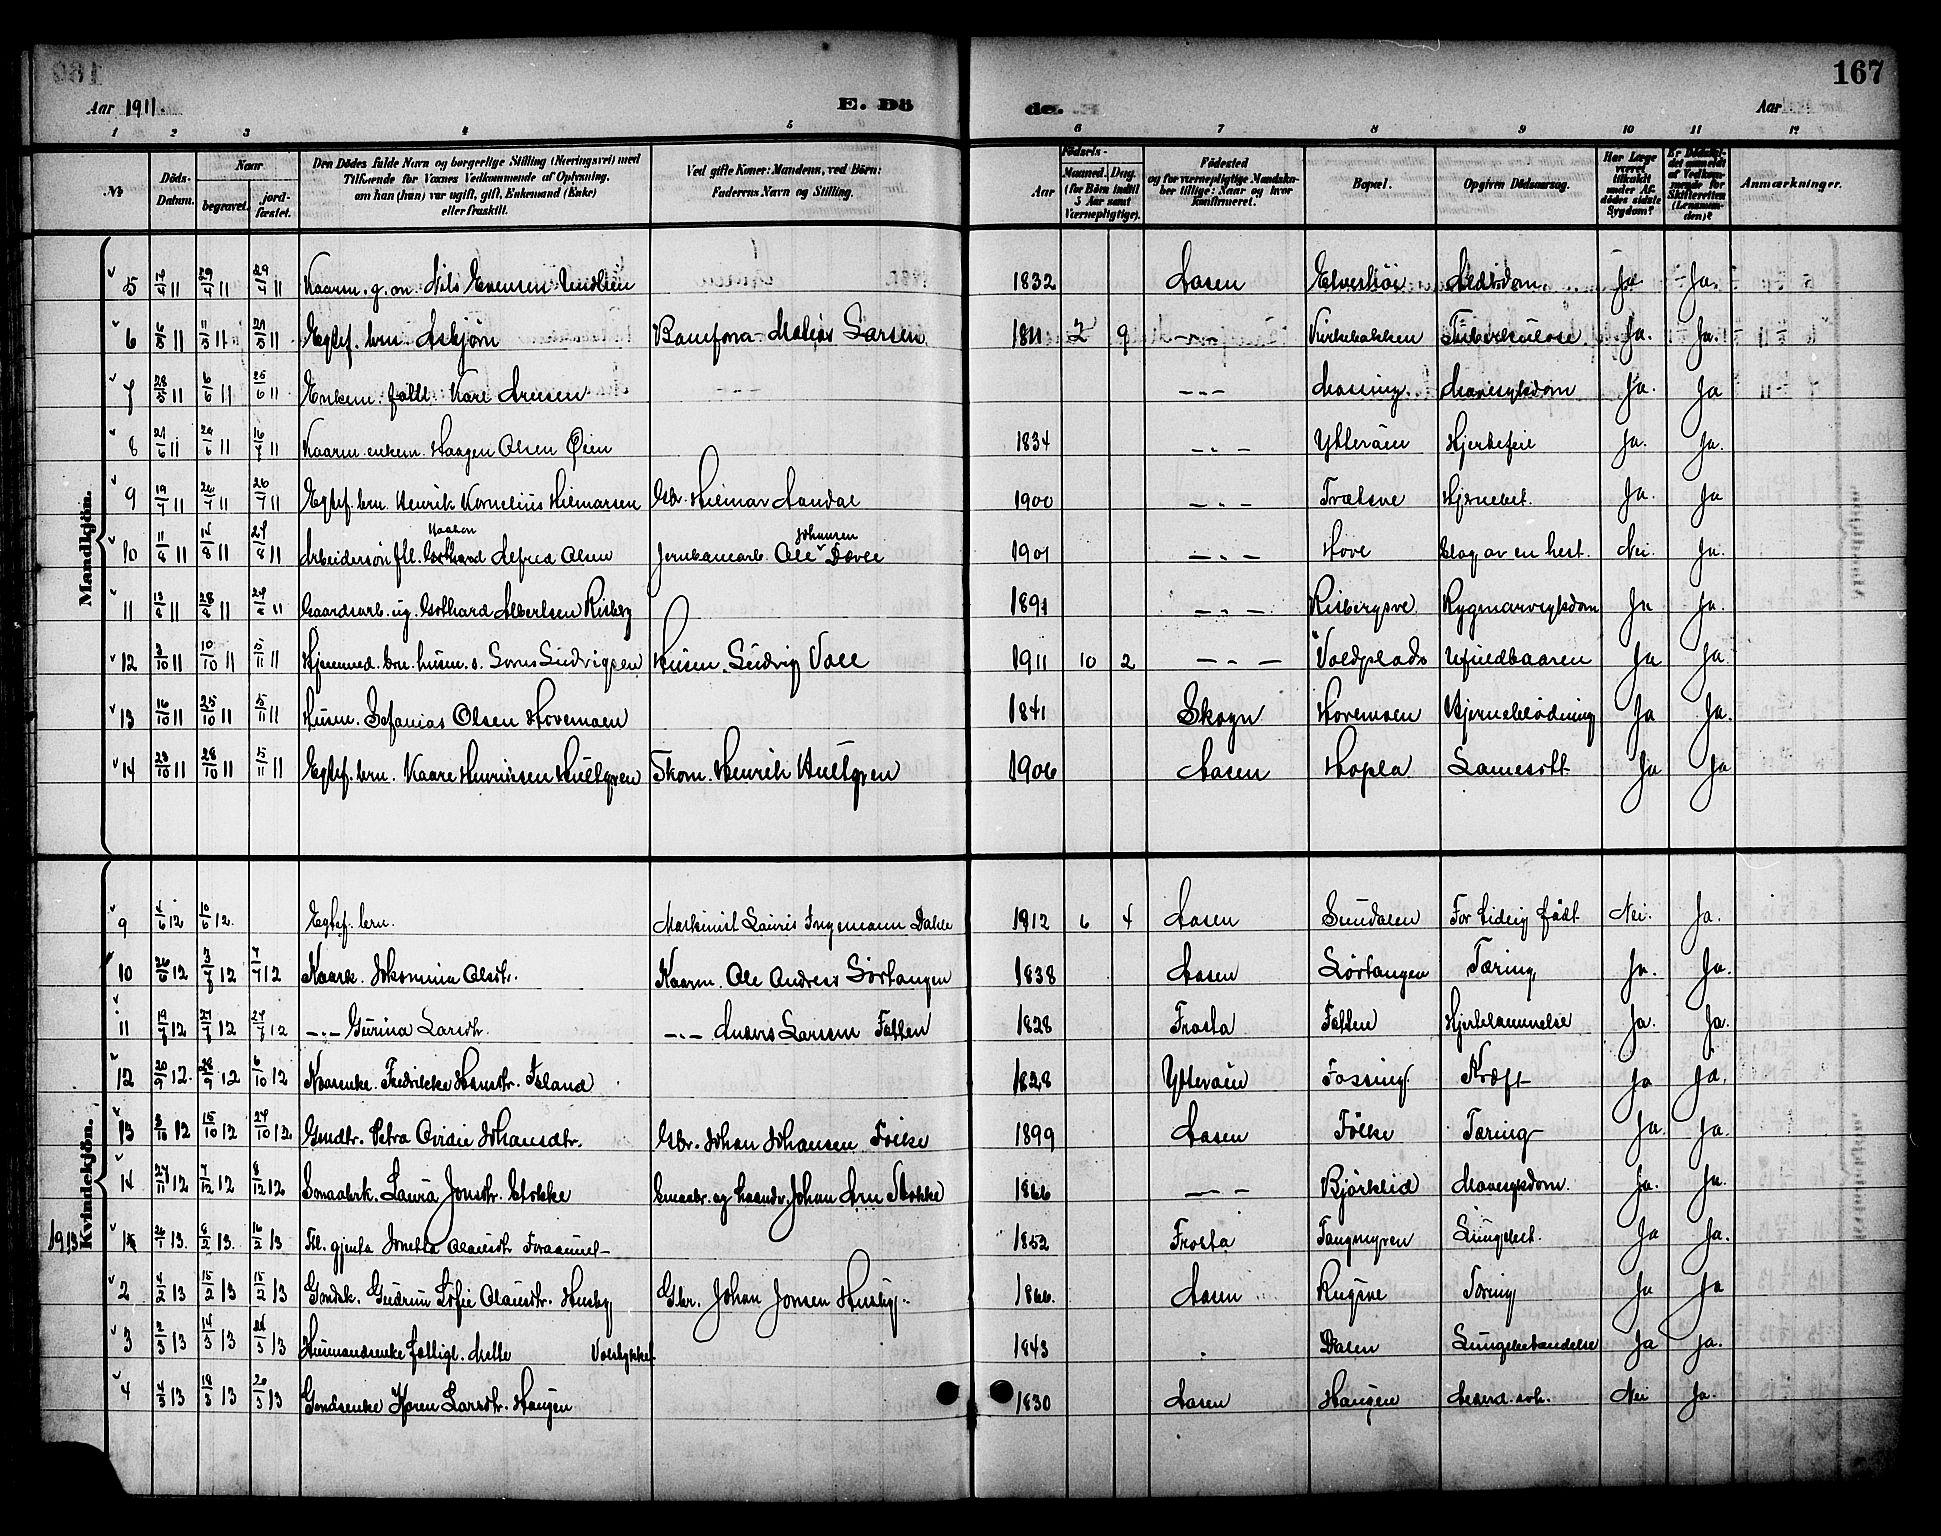 SAT, Ministerialprotokoller, klokkerbøker og fødselsregistre - Nord-Trøndelag, 714/L0135: Klokkerbok nr. 714C04, 1899-1918, s. 167